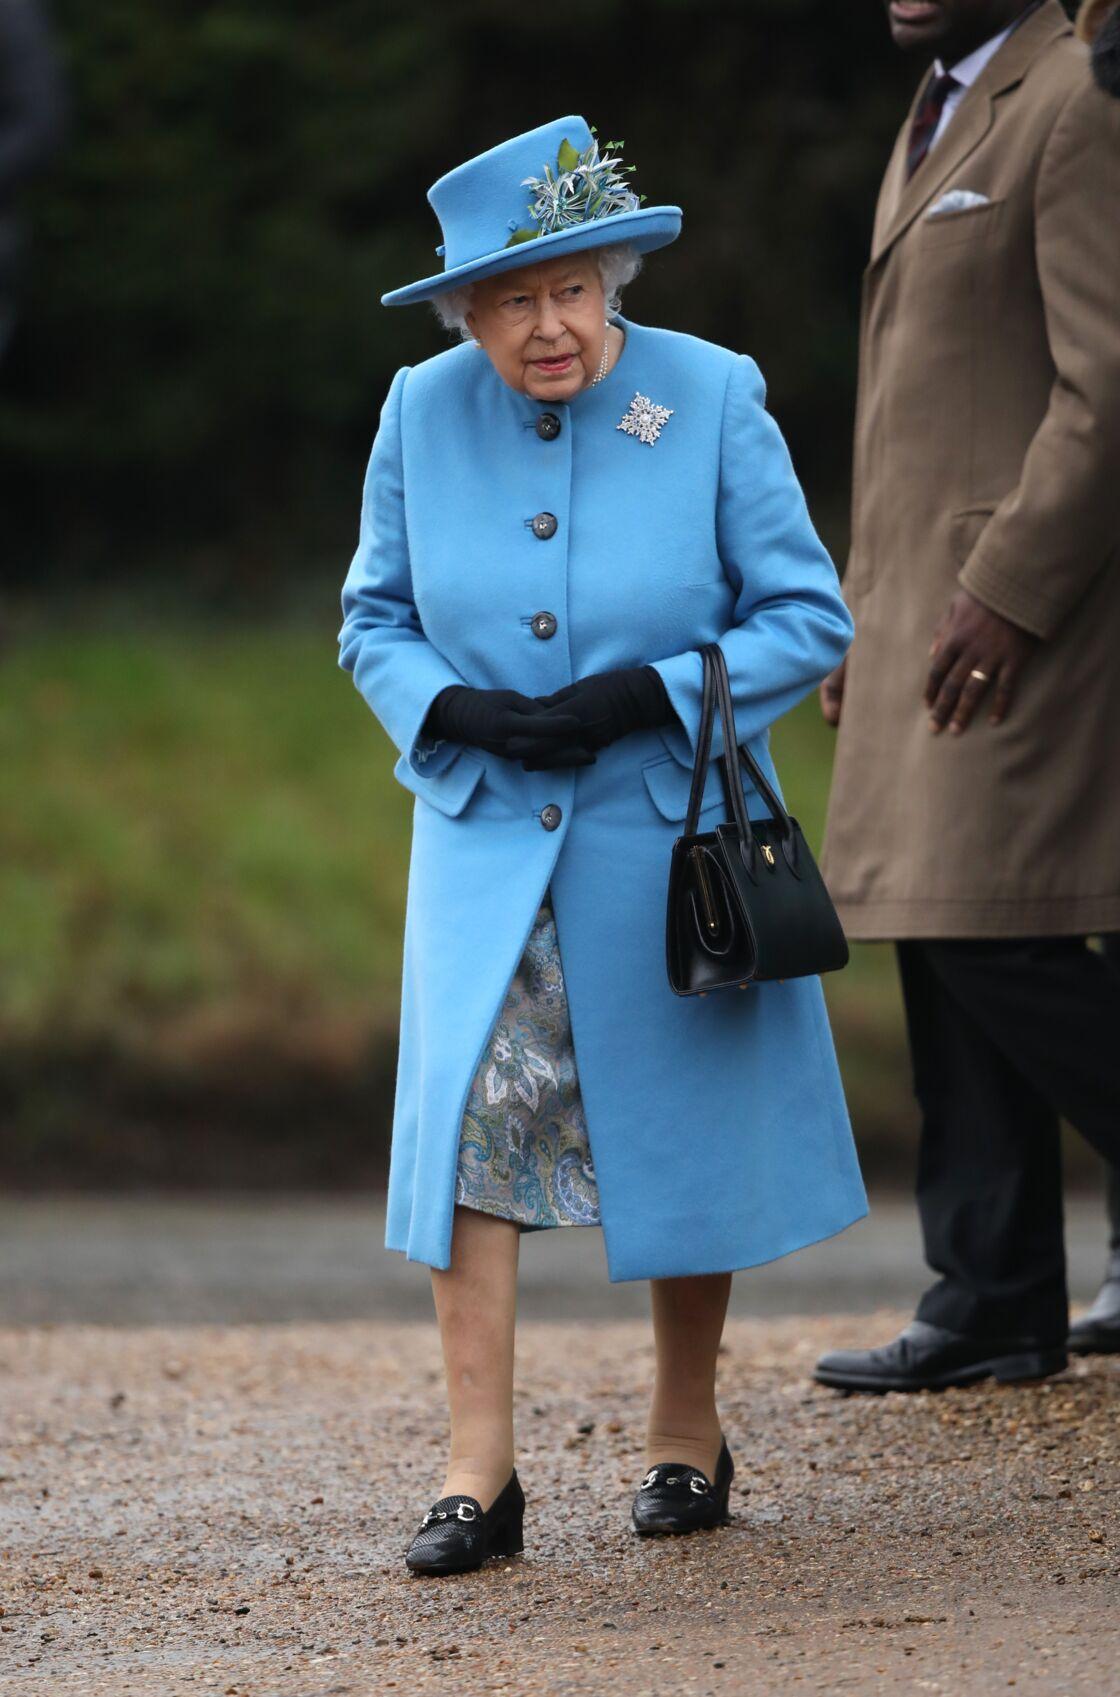 Jugée à risque face au coronavirus, tout comme le prince Philip, Sa Majesté Elizabeth II ne pourra pas accueillir les membres de sa famille comme elle le voudrait